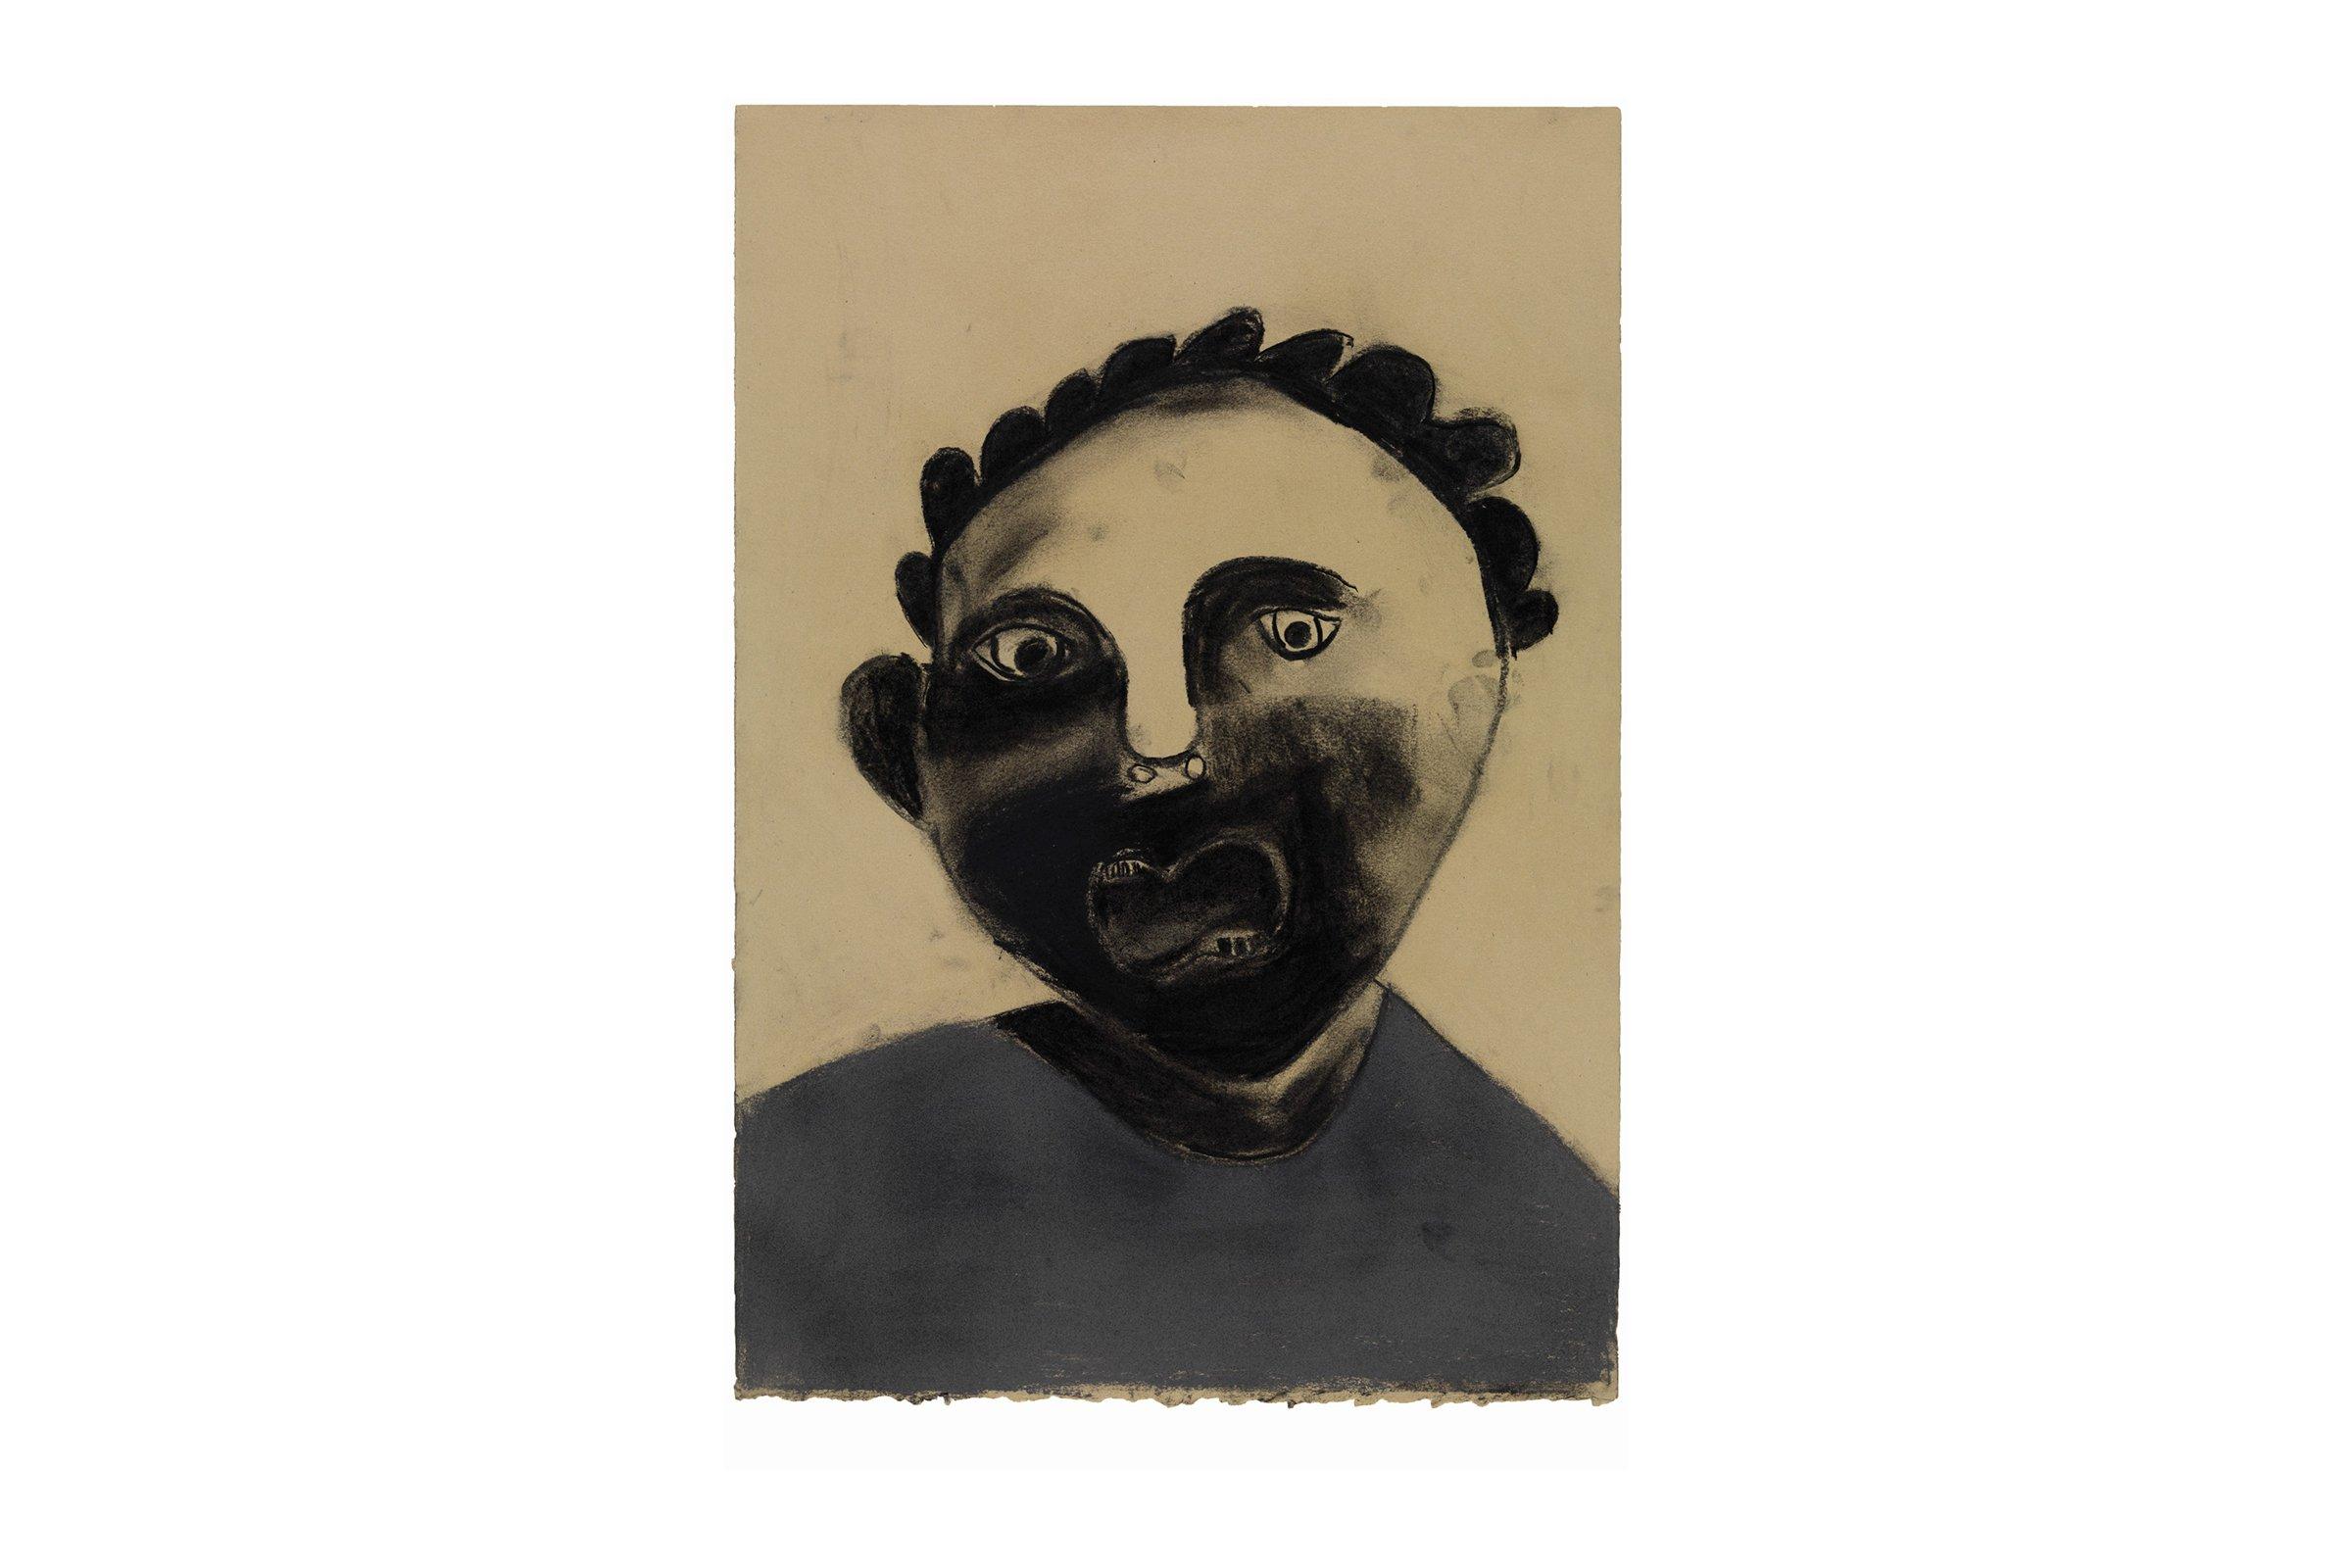 Mawuena Kattah